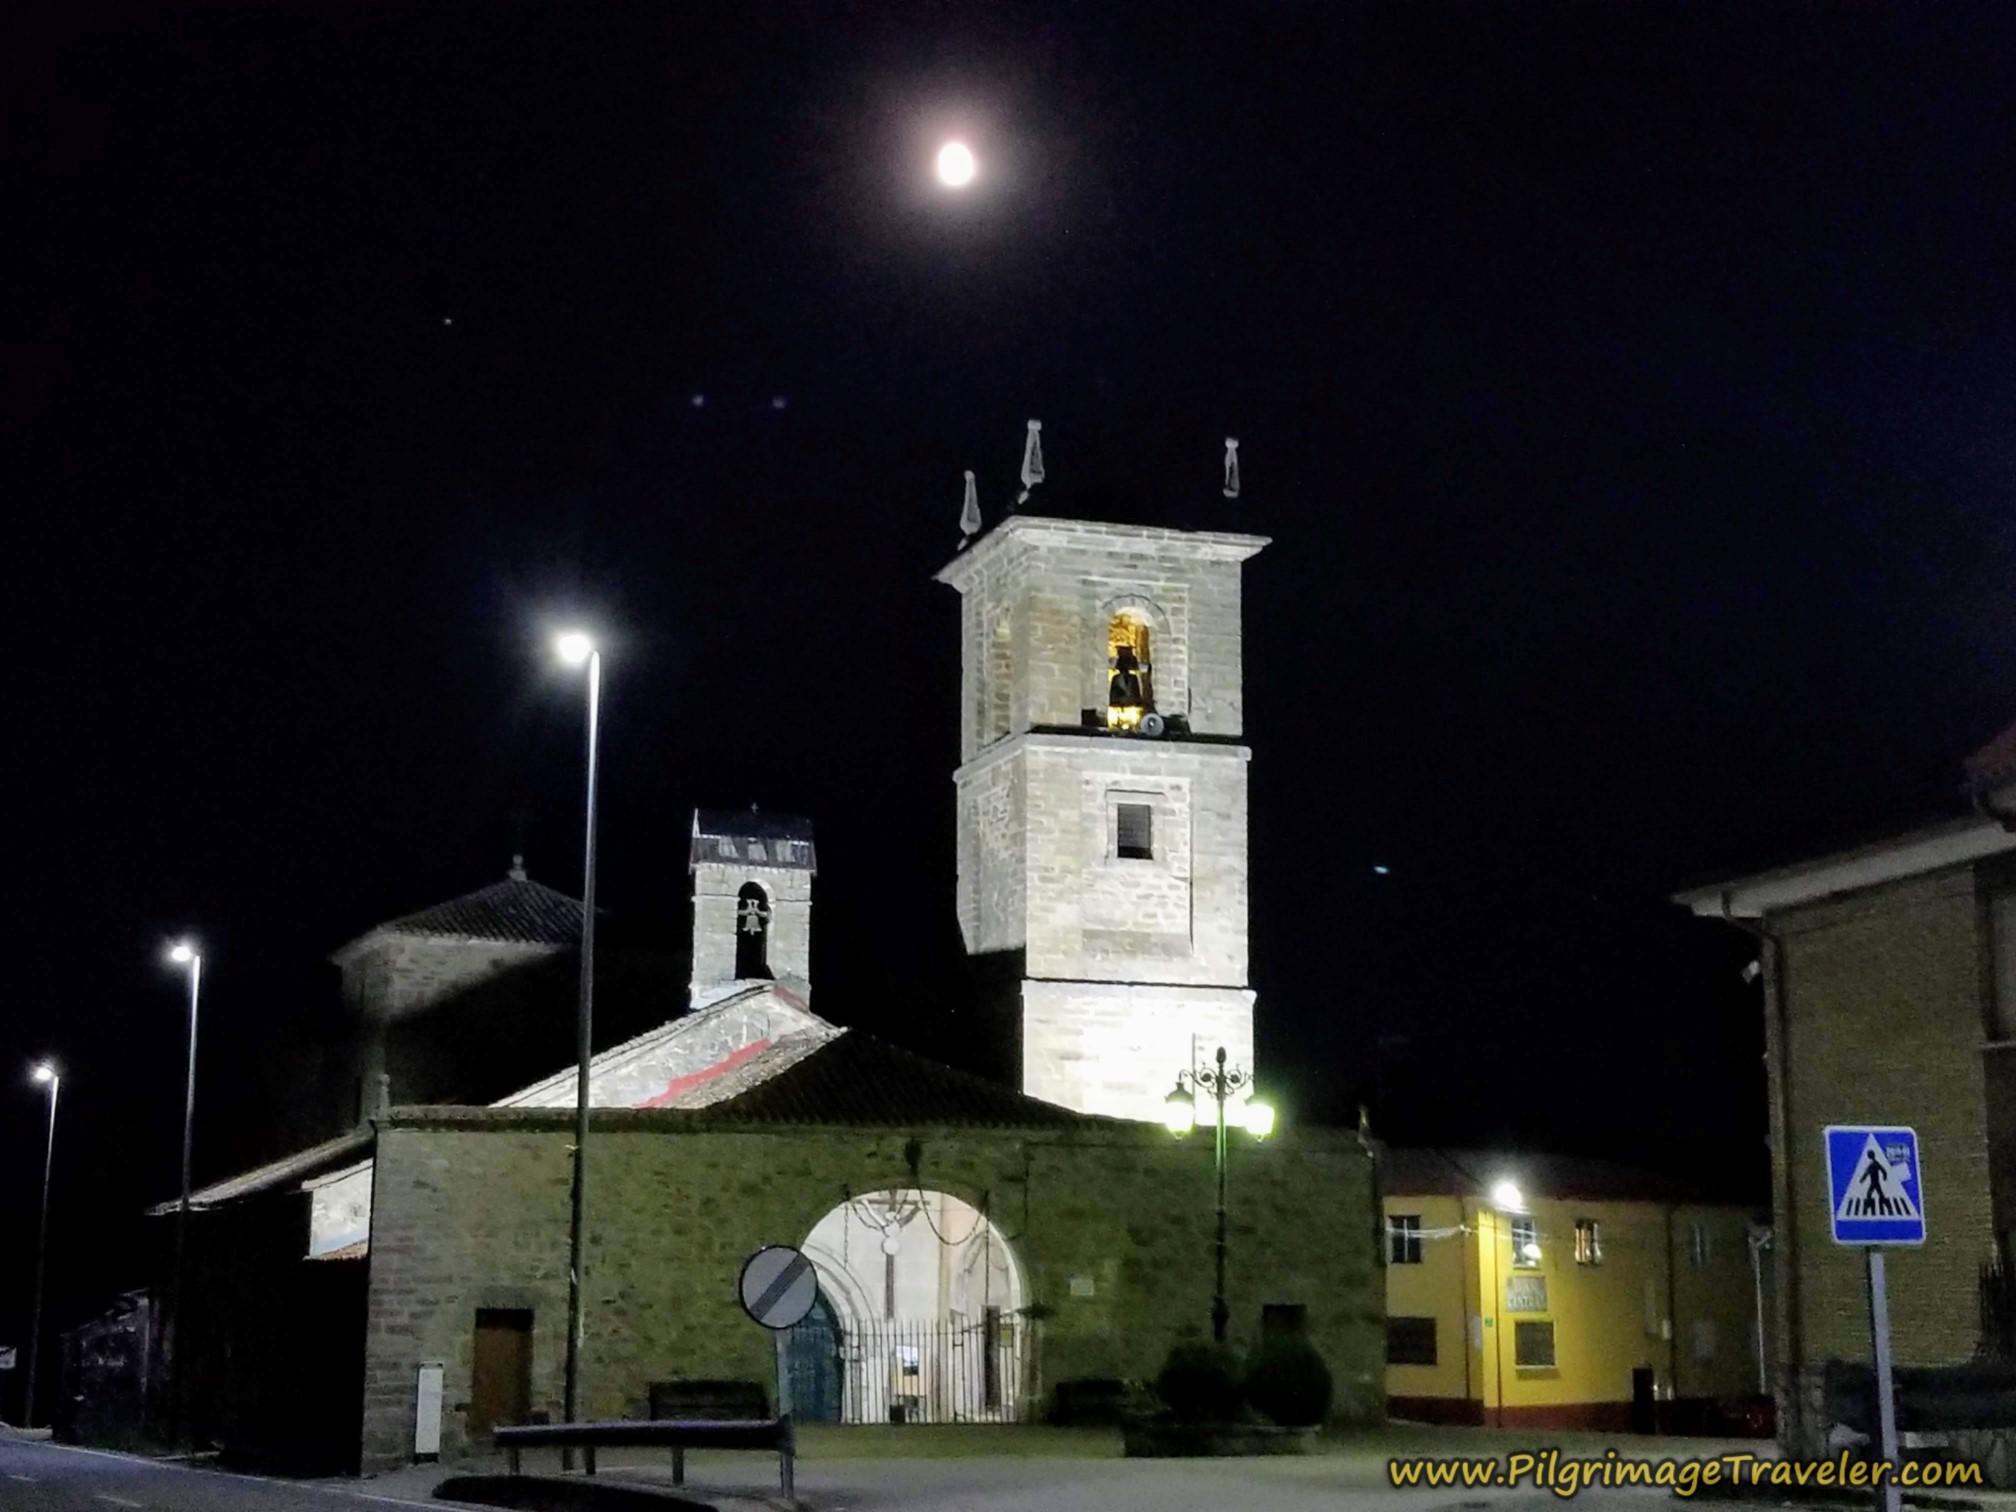 Iglesia Nuestra Señora de la Carballeda, Rionegro del Puente